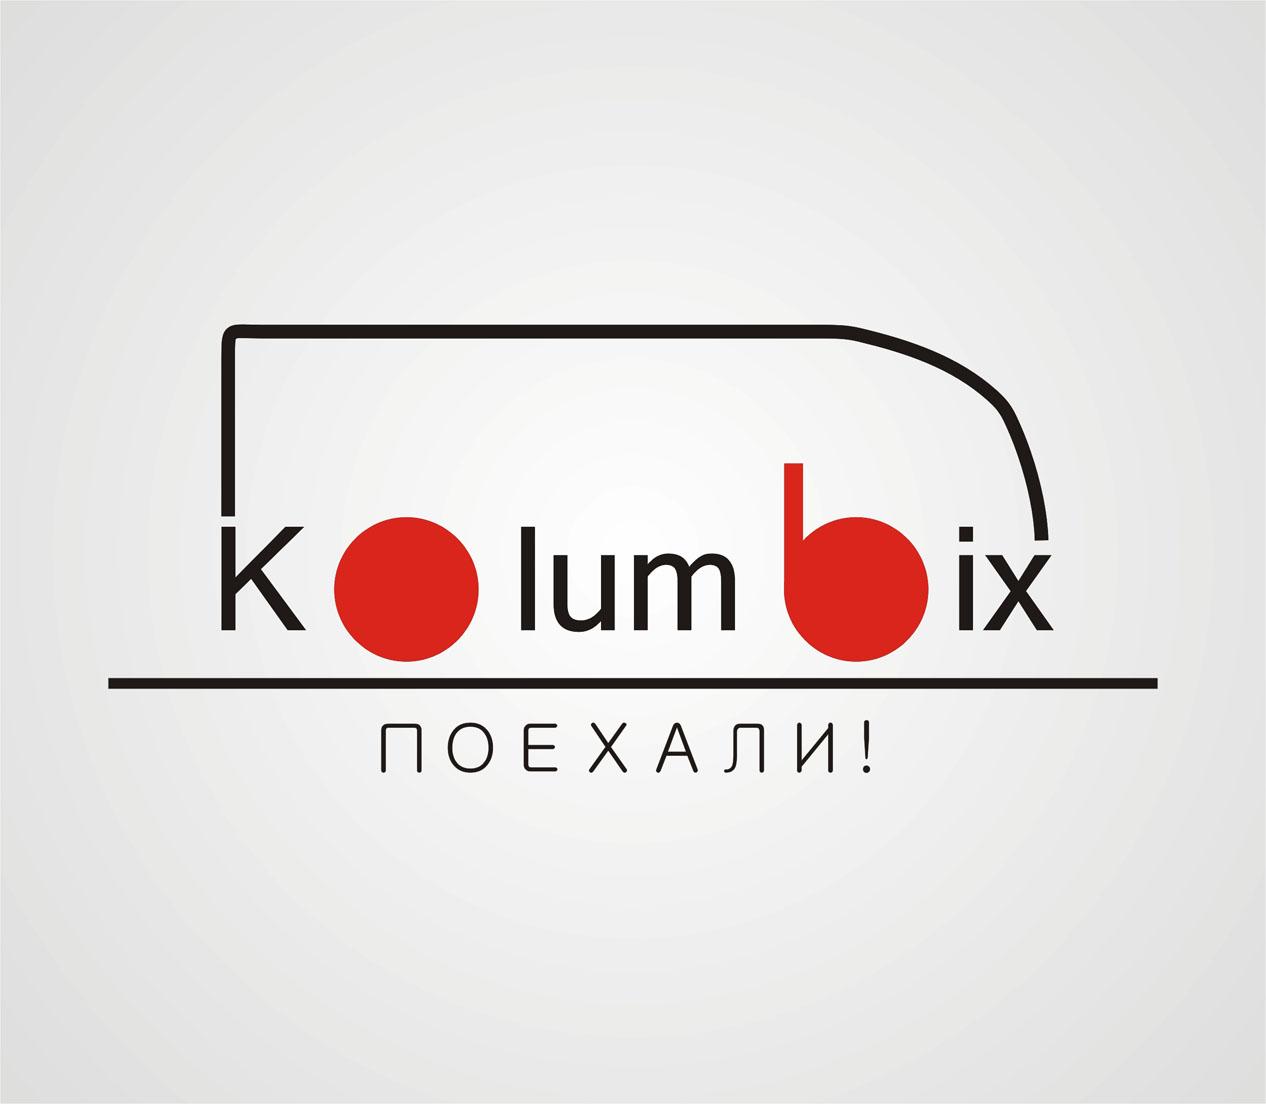 Создание логотипа для туристической фирмы Kolumbix фото f_4fb3a640d8f9d.jpg